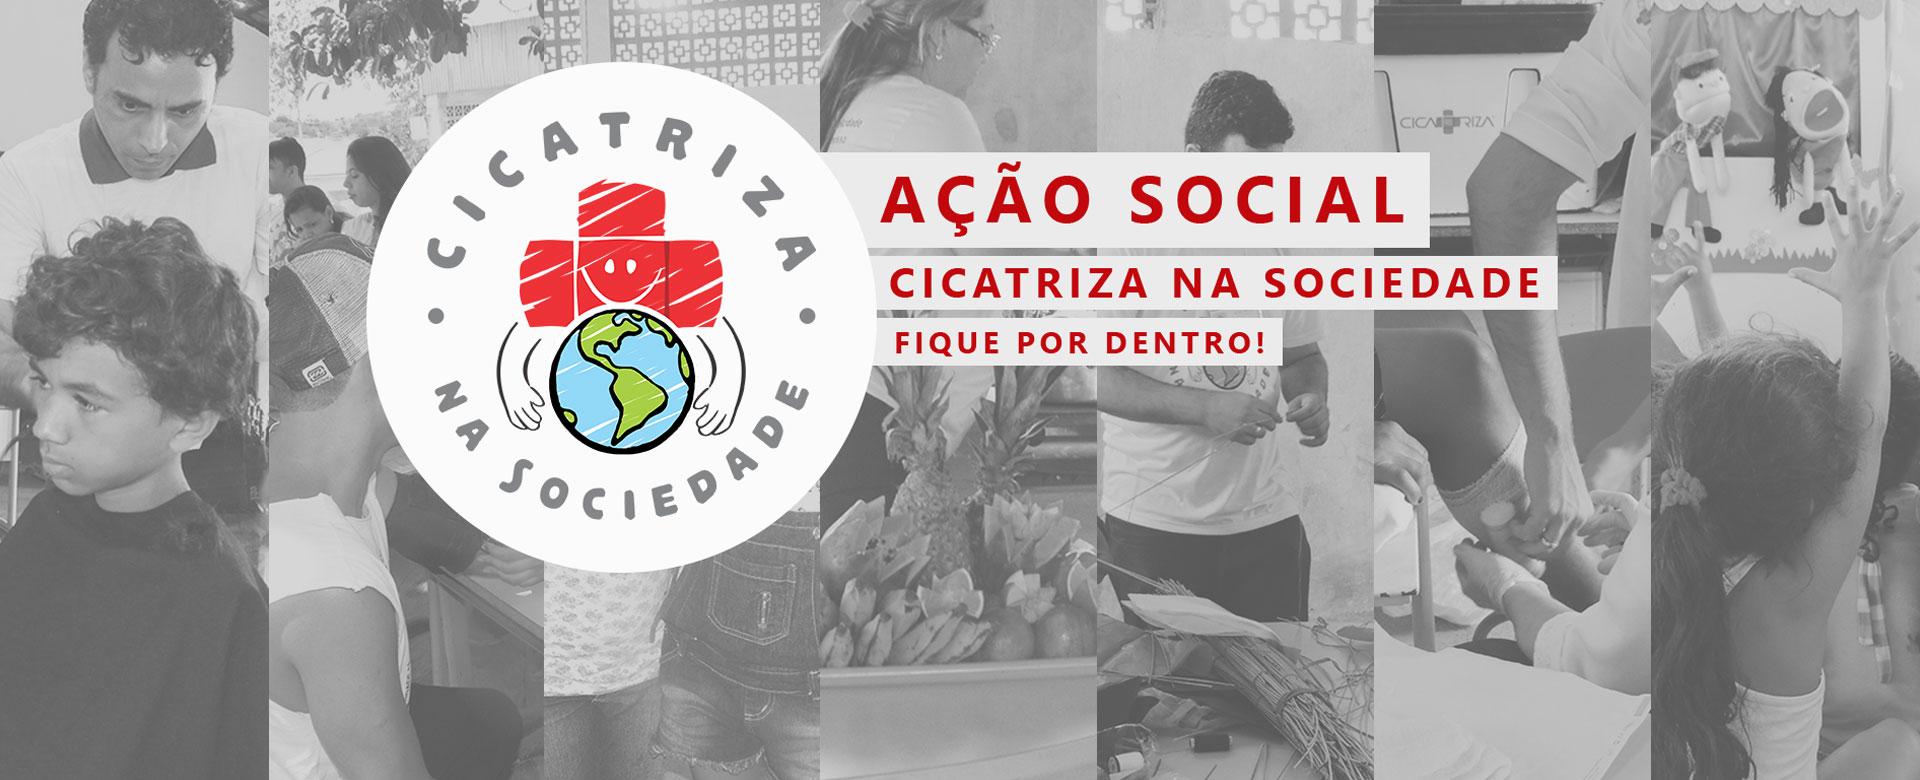 20151126_acaosocial